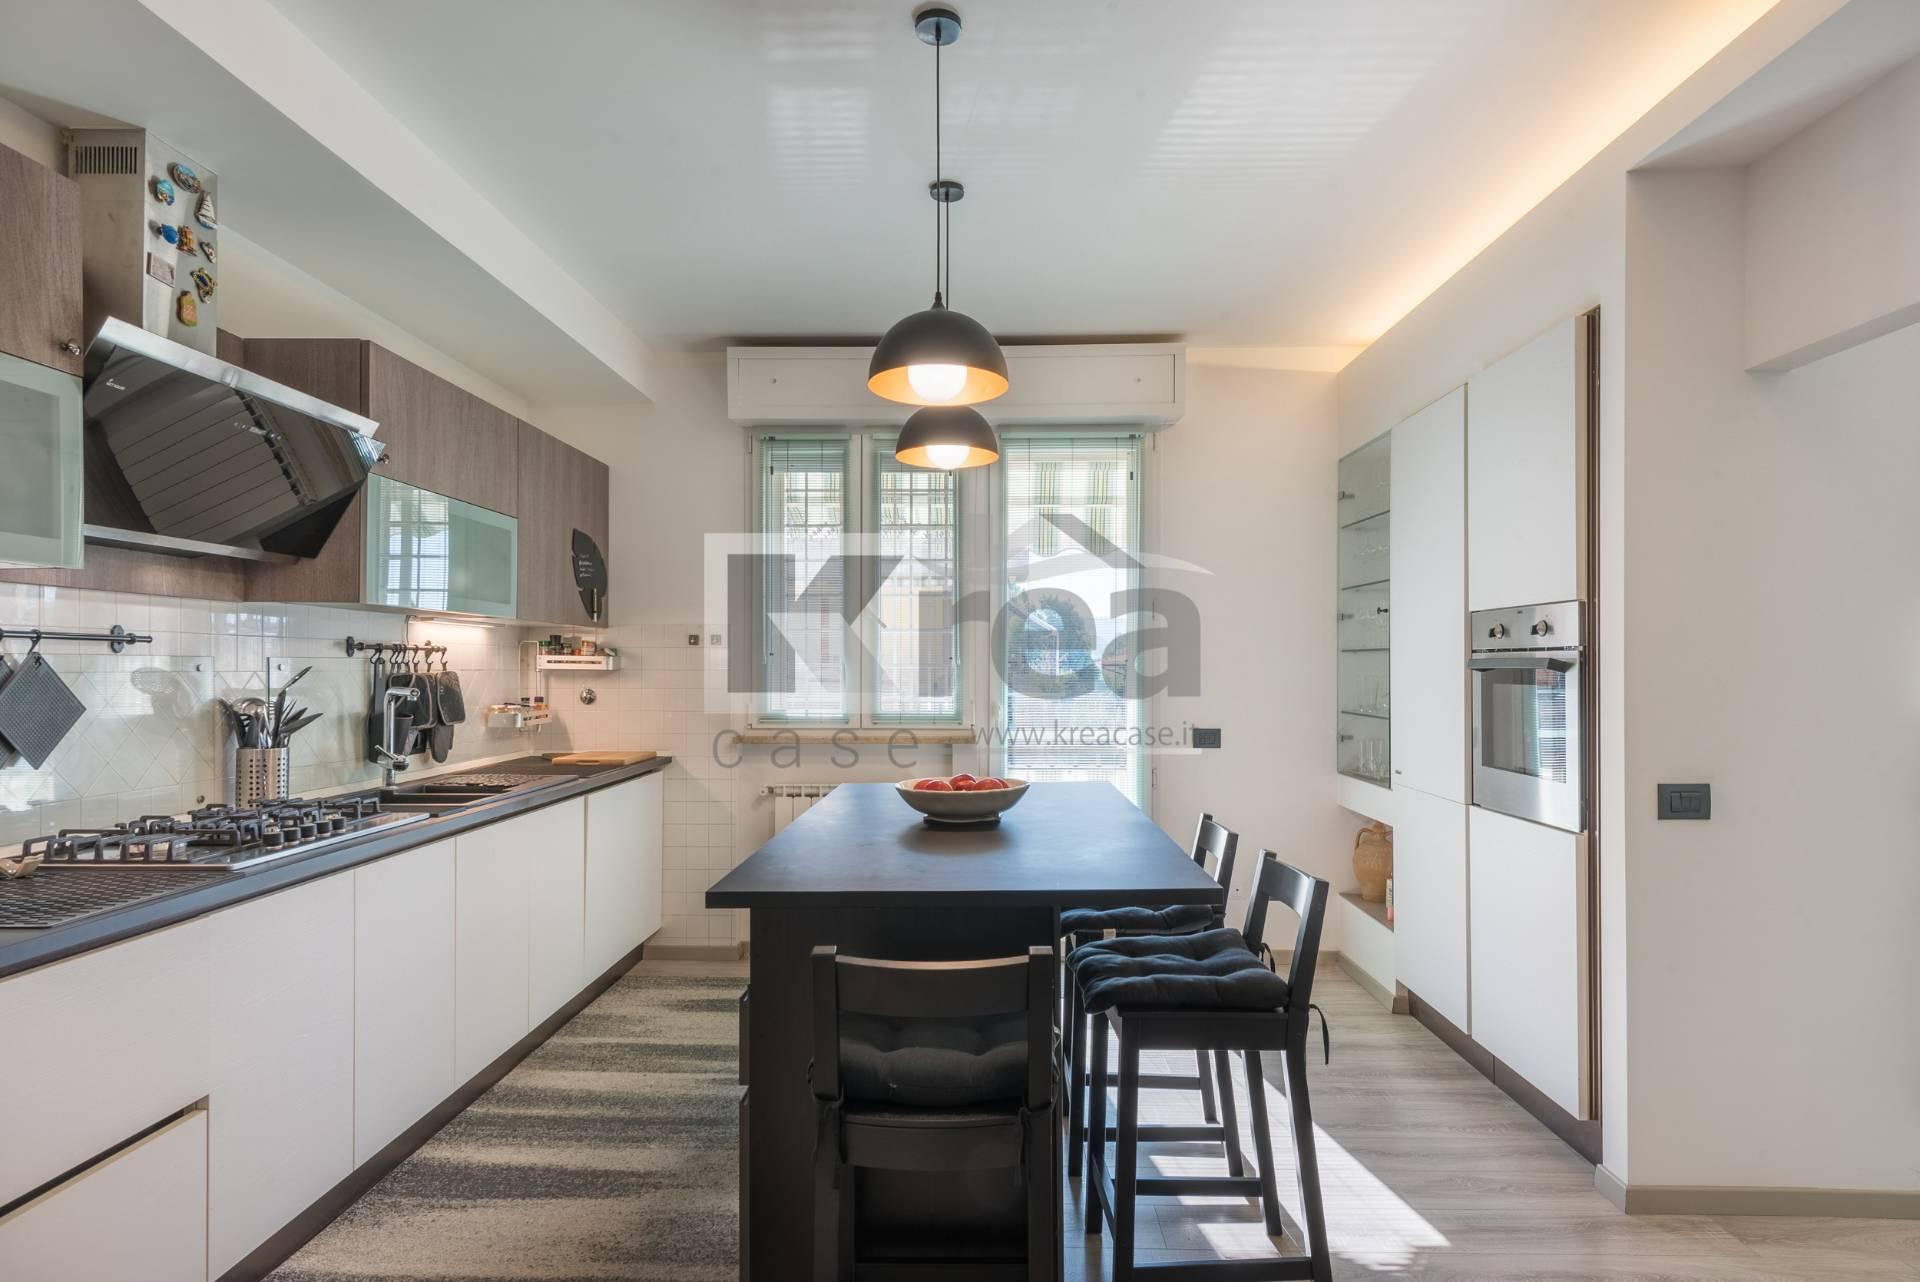 Appartamento in vendita a Ciampino, 3 locali, zona Località: Centro, prezzo € 219.000 | CambioCasa.it